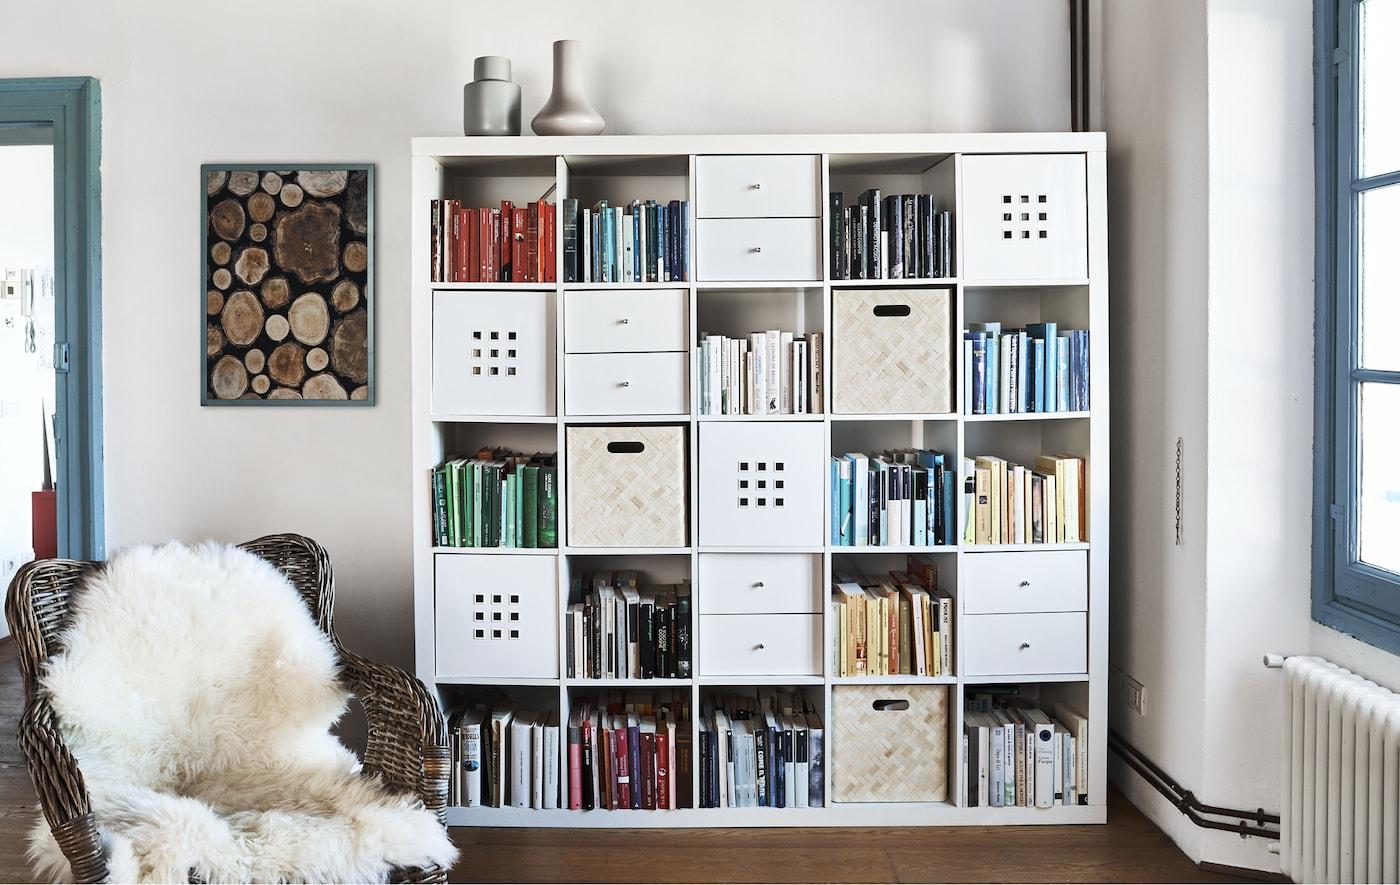 大方形储物单元内放着书籍和盒子插件。